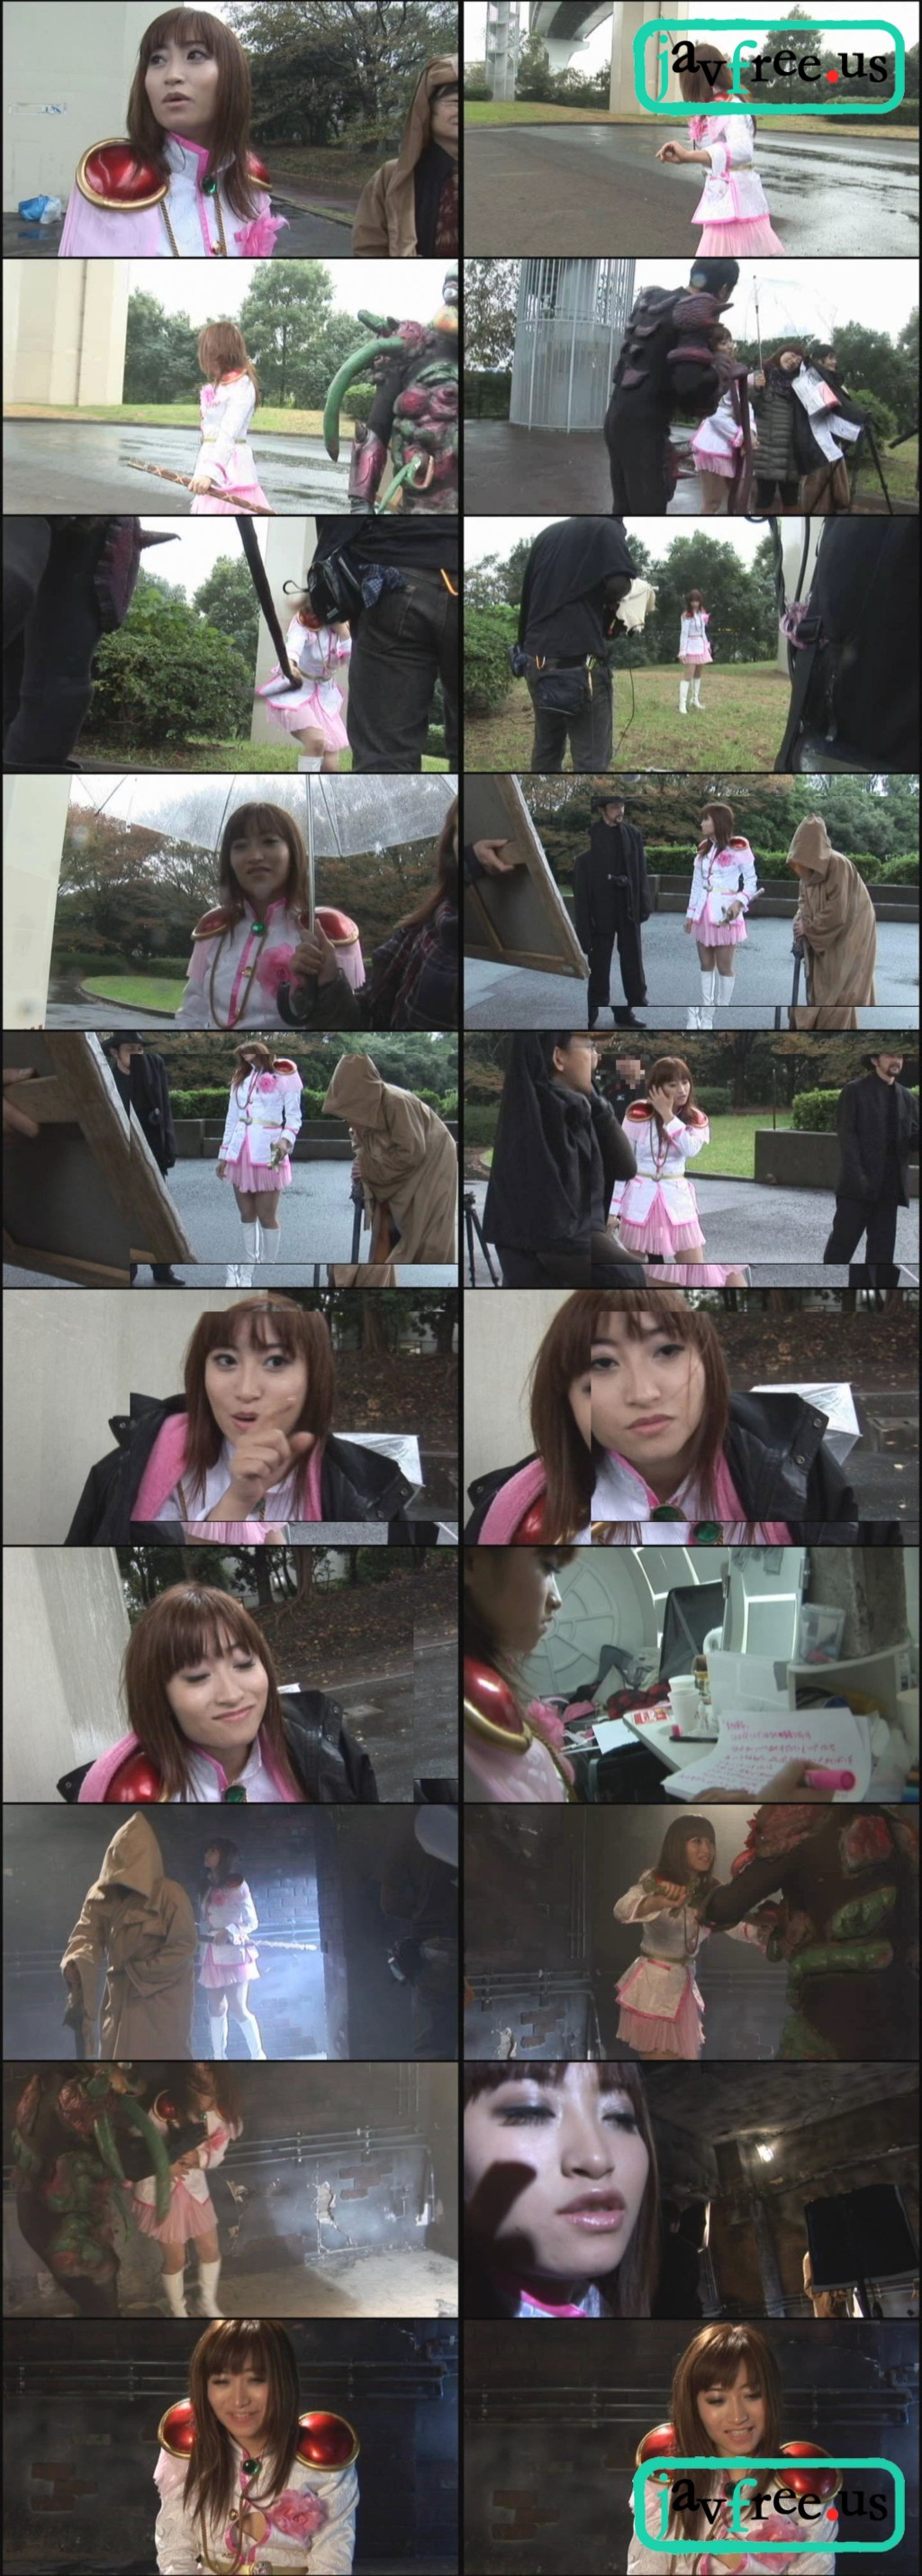 [ANIX-09] 美少女剣士アテナ - image ANIX-09c on https://javfree.me